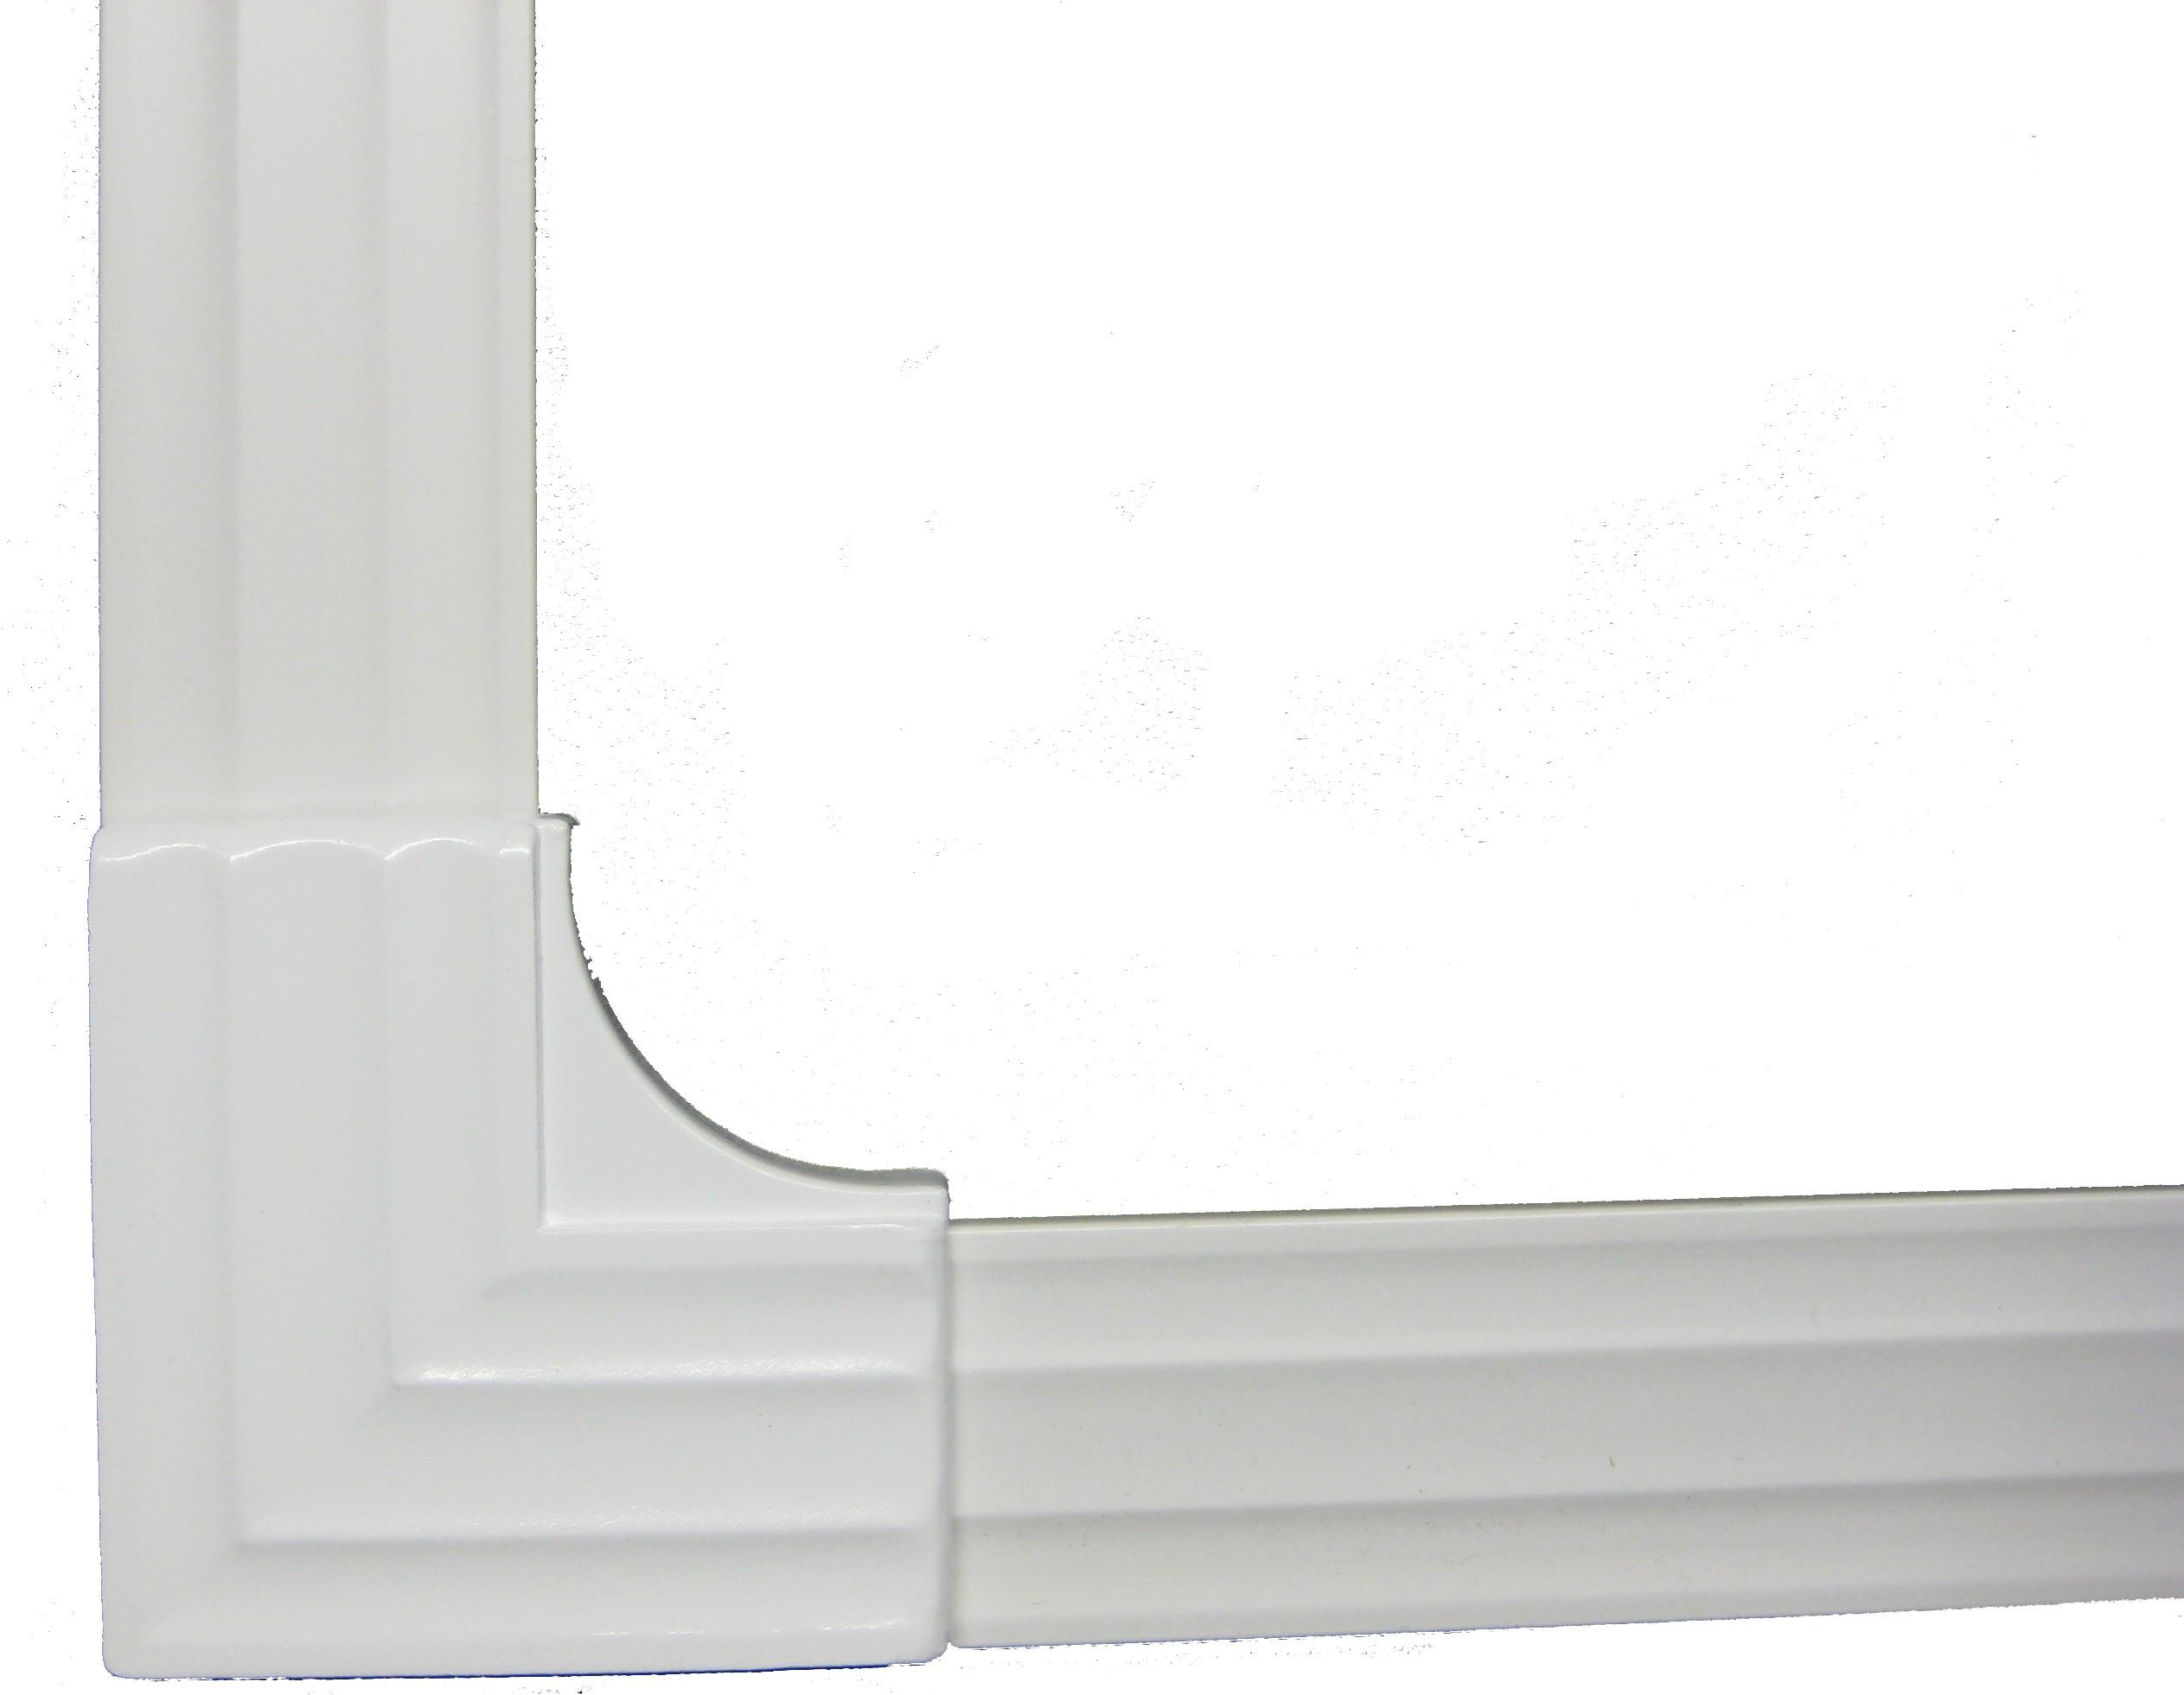 MirrEdge DIY Mirror Framing Kit - (Up to 75 in. x 36 in.) Dove White ...